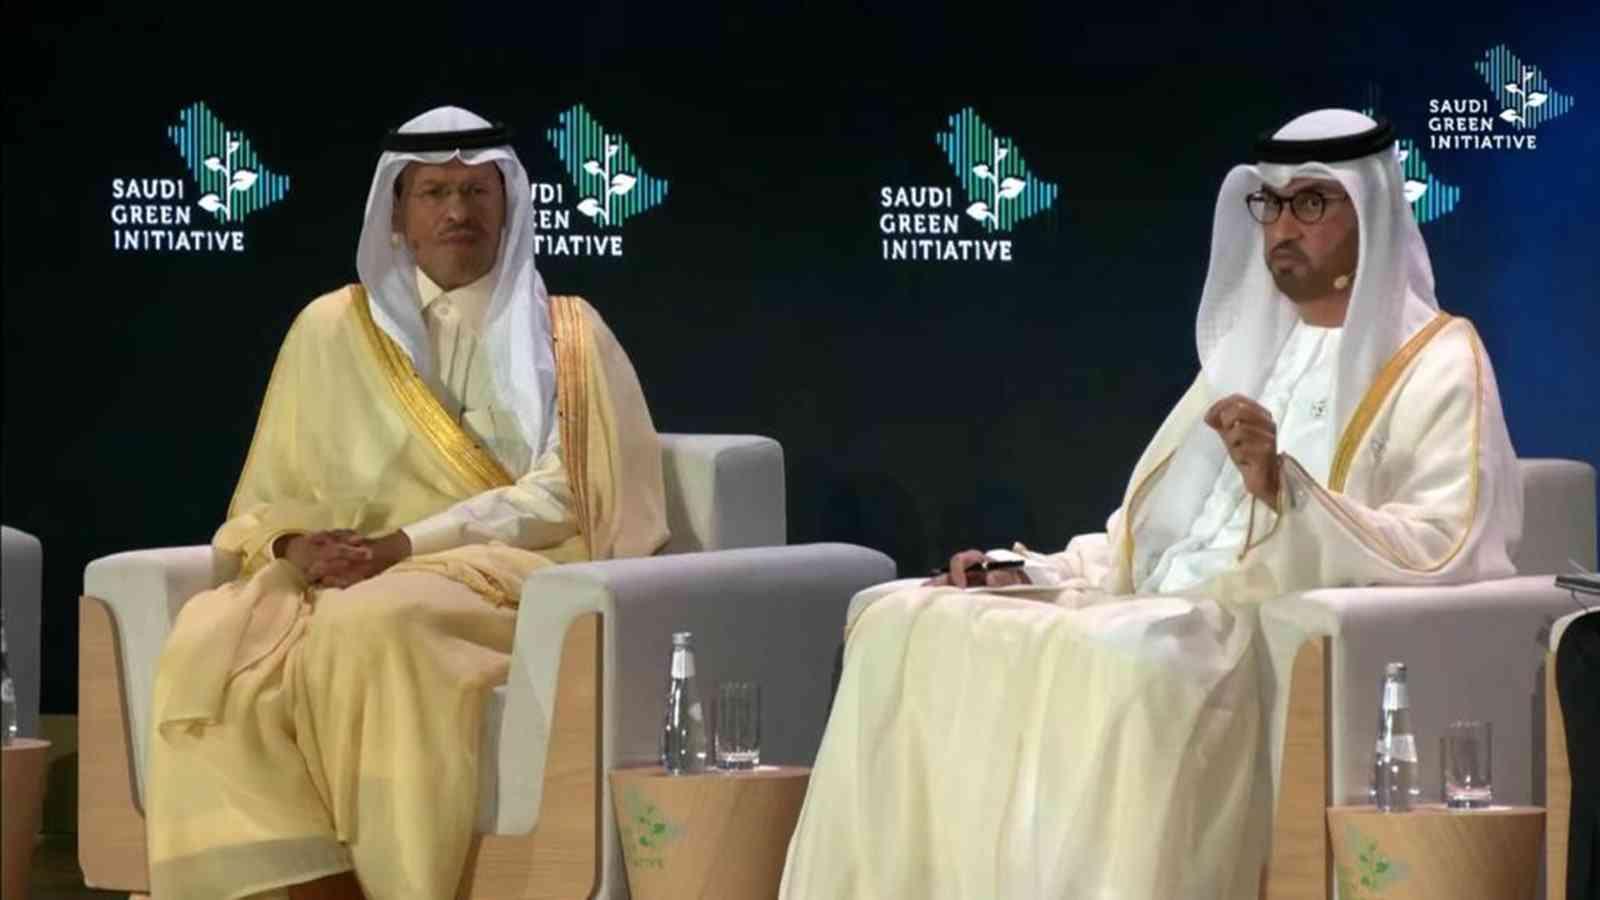 الإمارات تشيد بإعلان السعودية هدف الحياد الصفري بحلول 2060